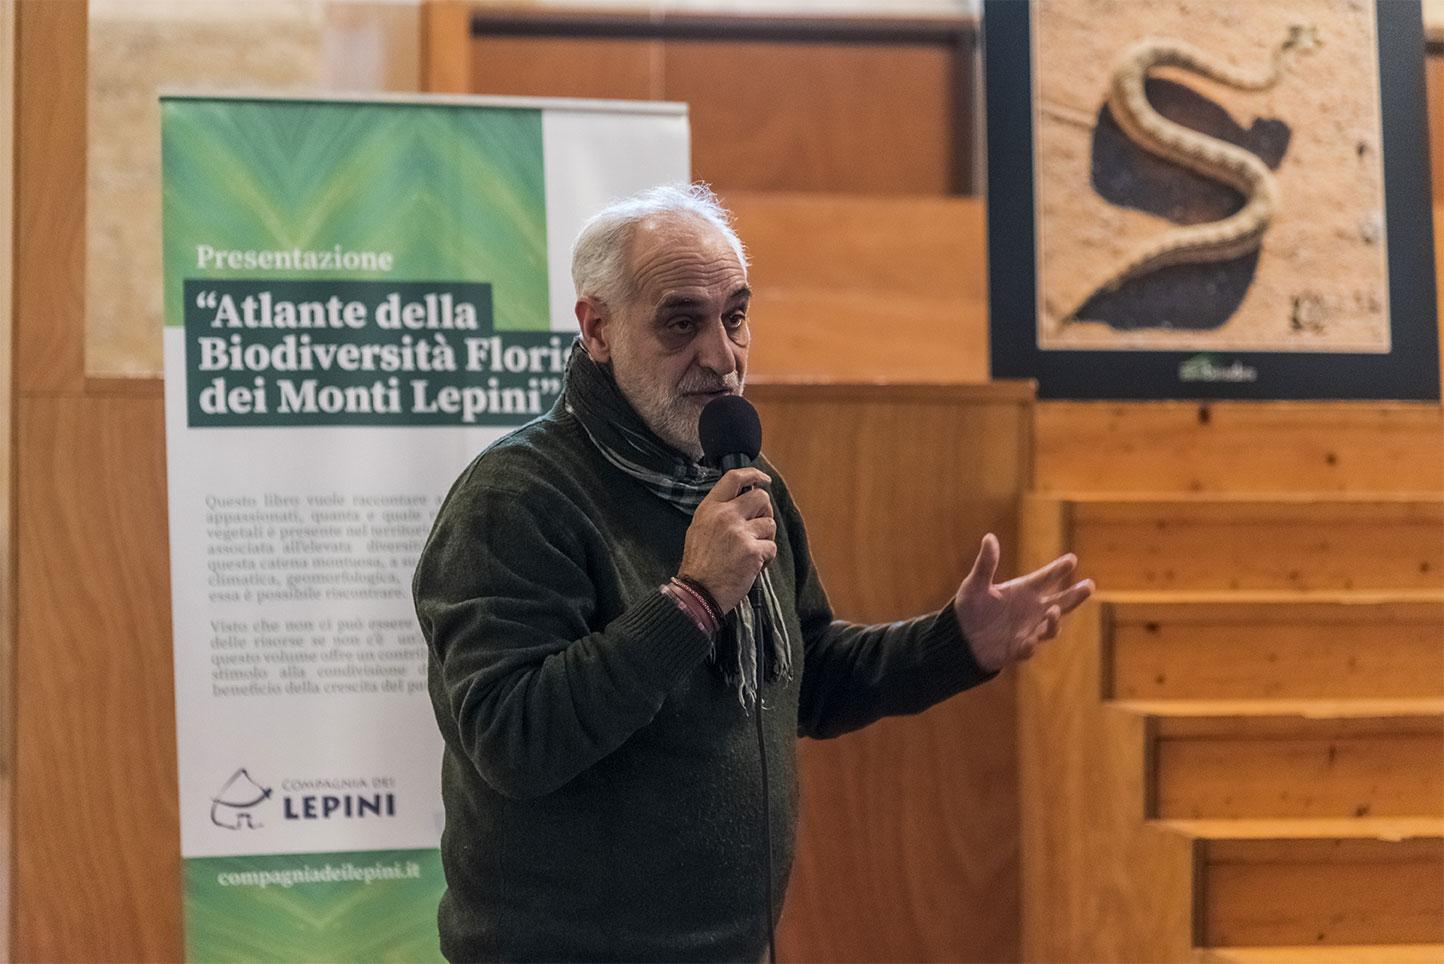 compagnia-dei-lepini-convegno-biodiversita-25-01-2020-92